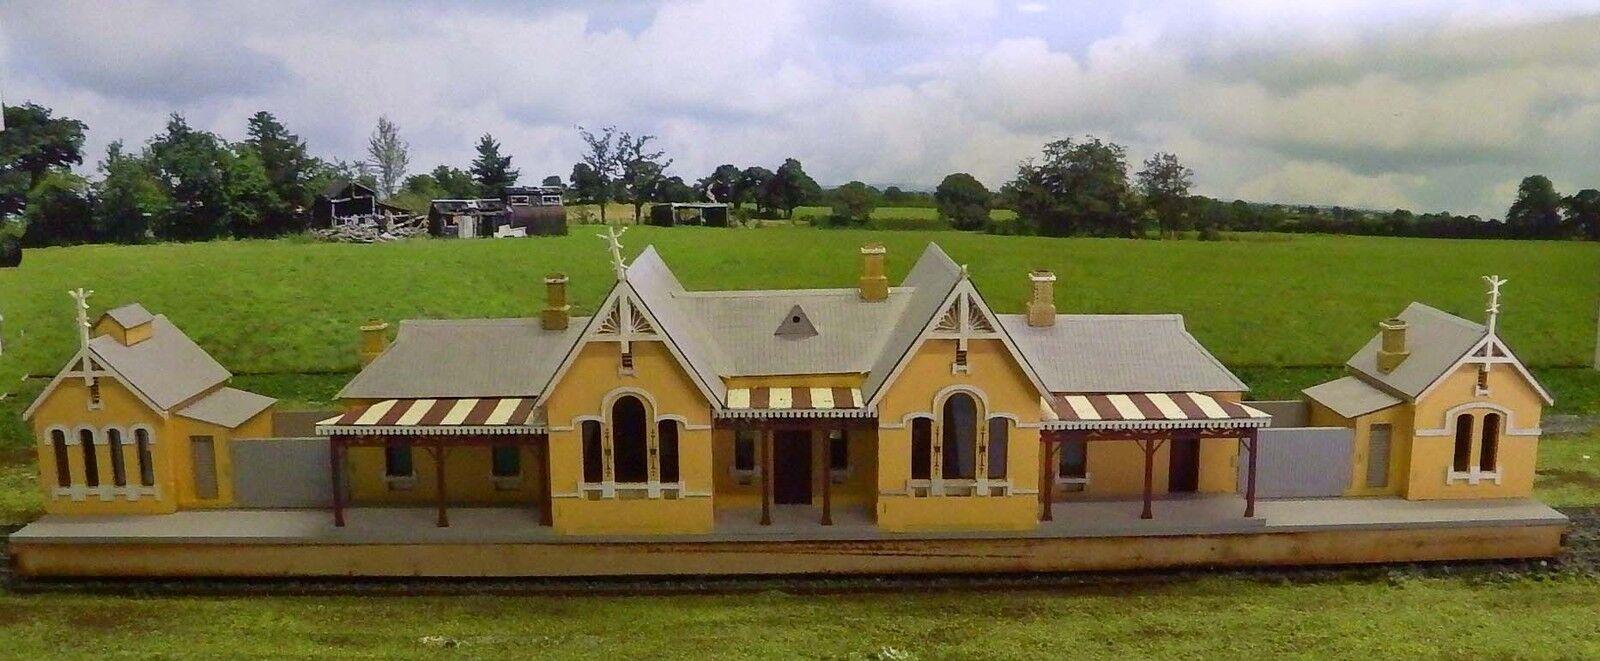 HU - skalenlig byggsats Tenterfield Station